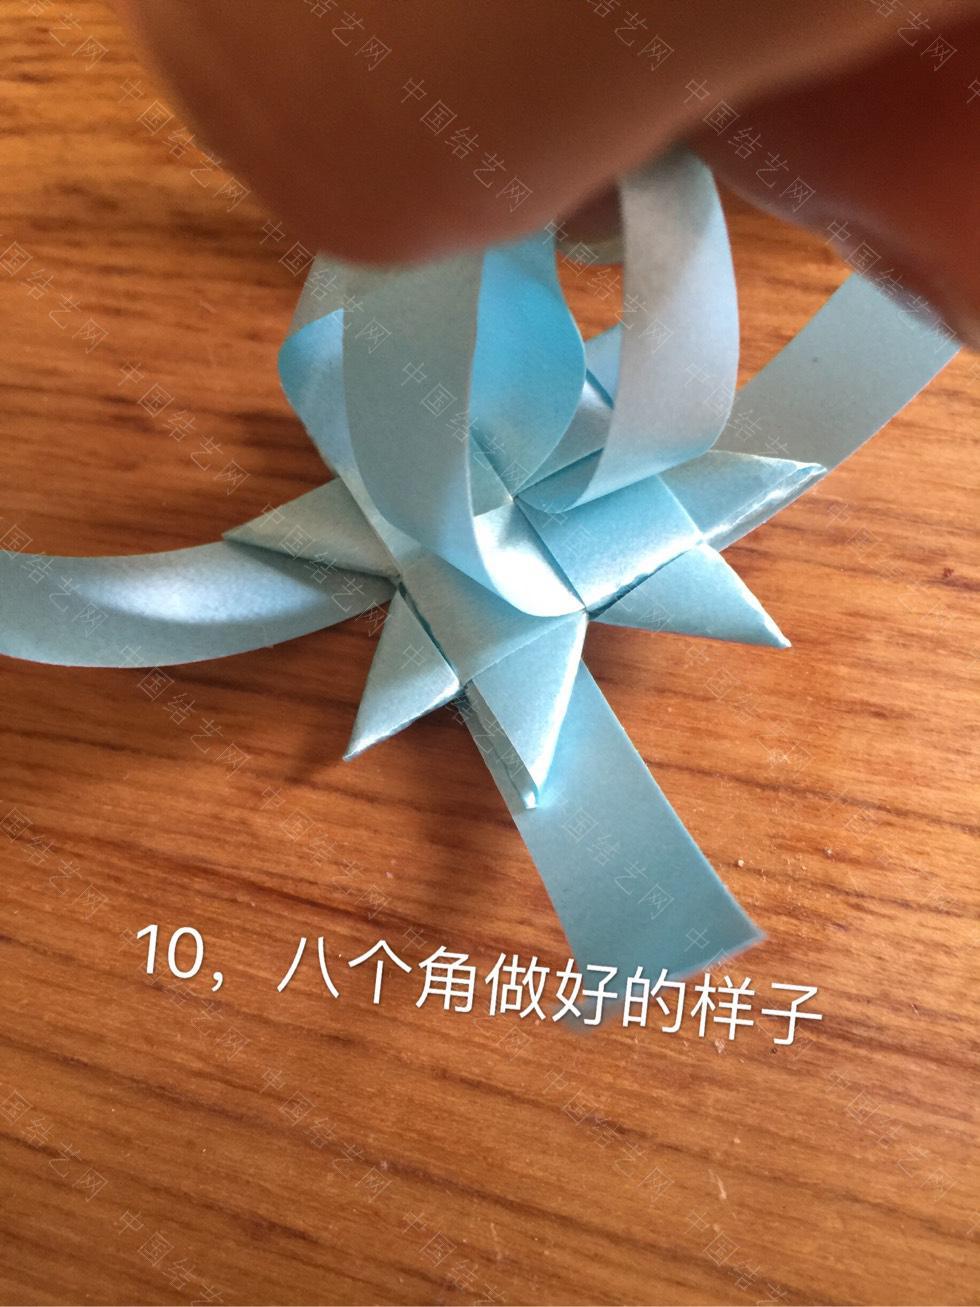 中国结论坛 丝带风铃——八角花  图文教程区 104916hgg96g68grar74br